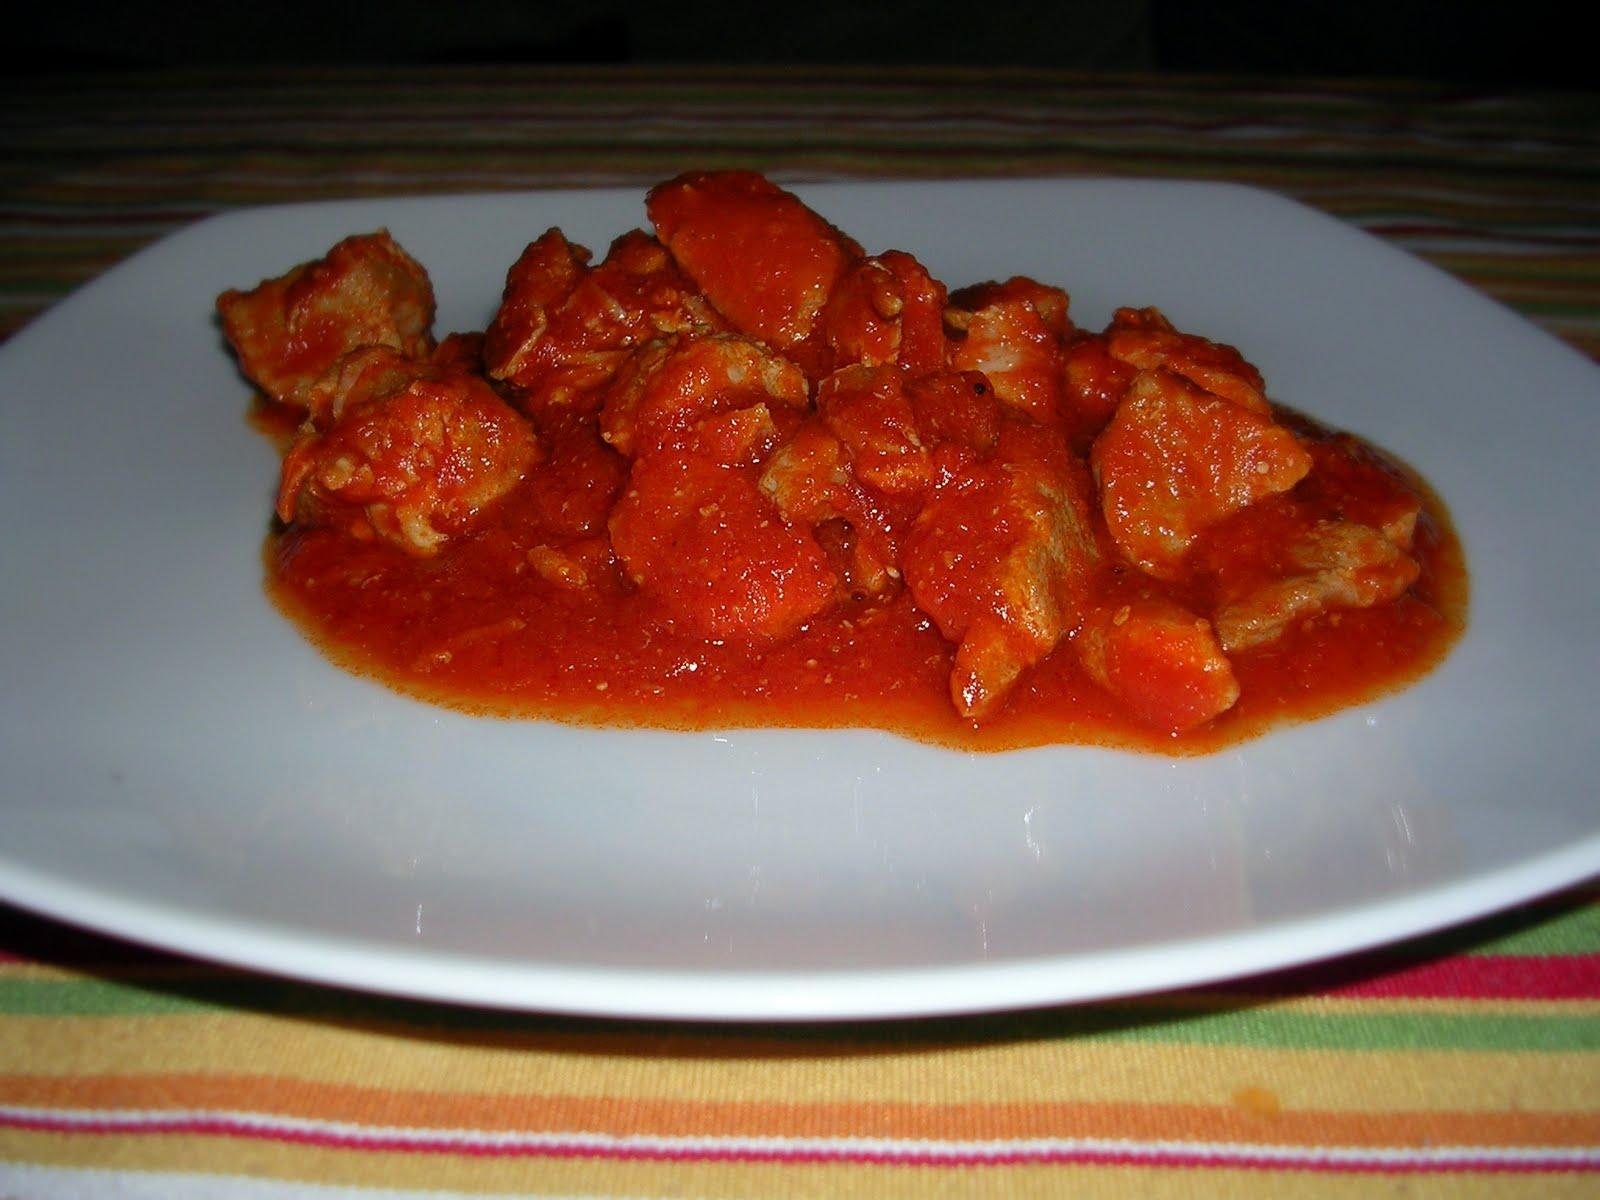 Cocinar Carne Con Tomate | Cocinando Contigo Carne Con Tomate En La Olla Rapida